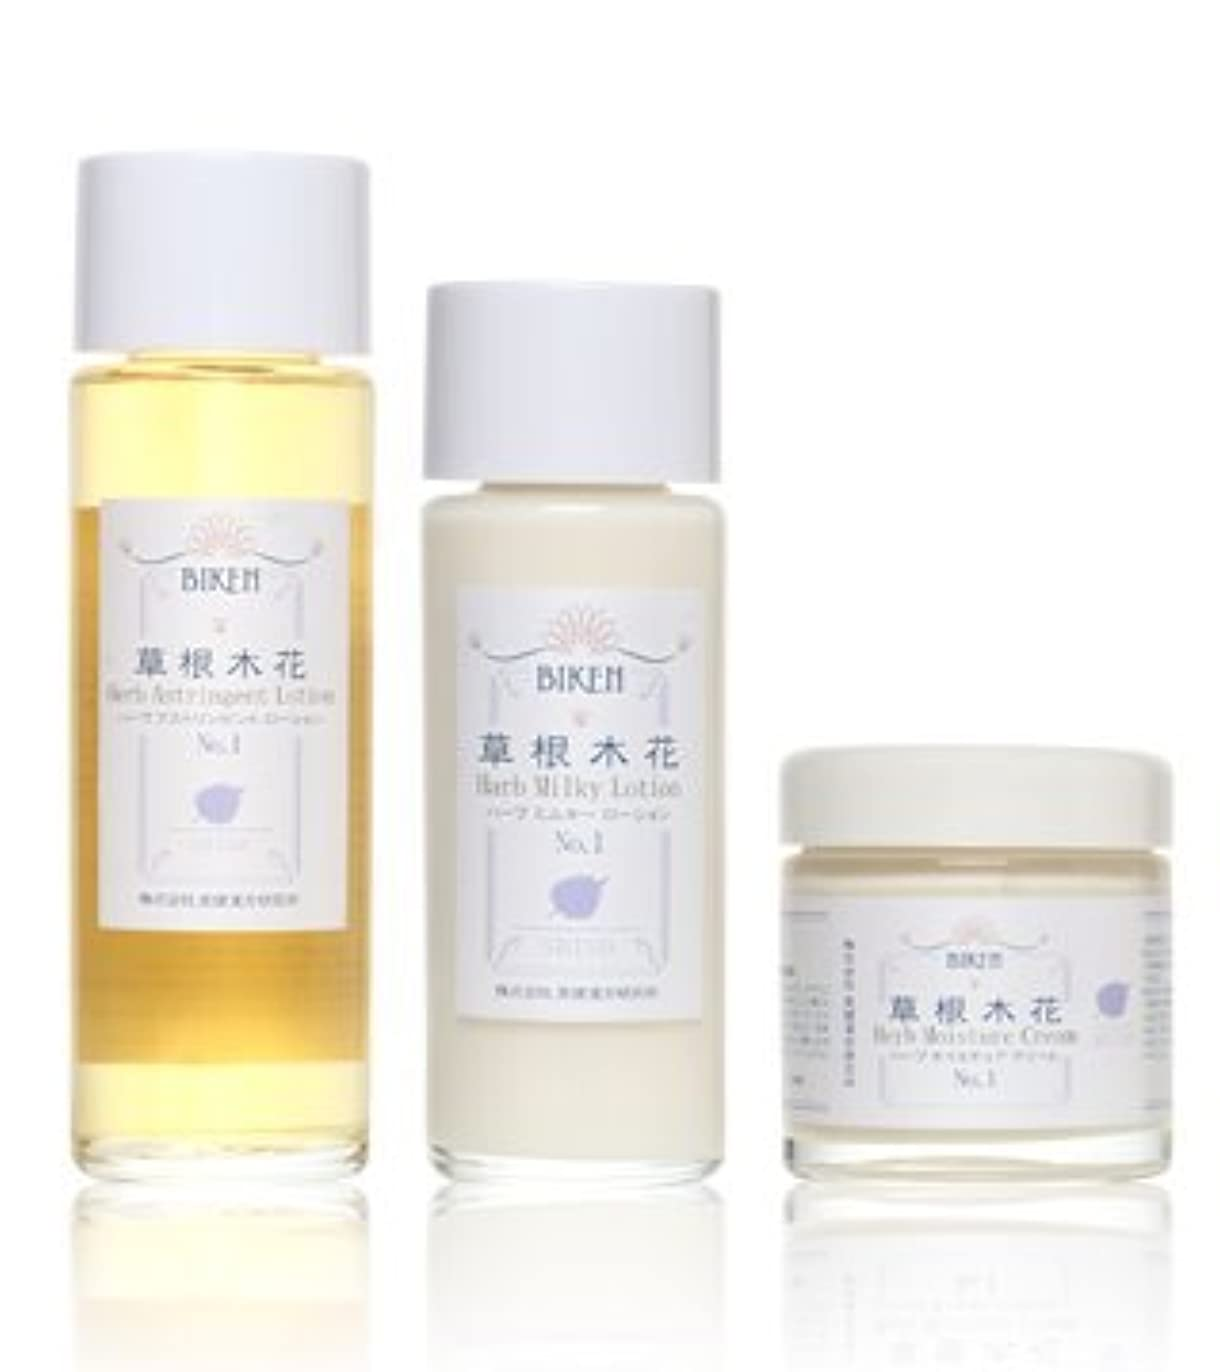 置き場克服するインド美健漢方研究所 紫蘇エキス漢方 化粧水 乳液 クリーム 3点セット 乾燥肌?敏感肌用